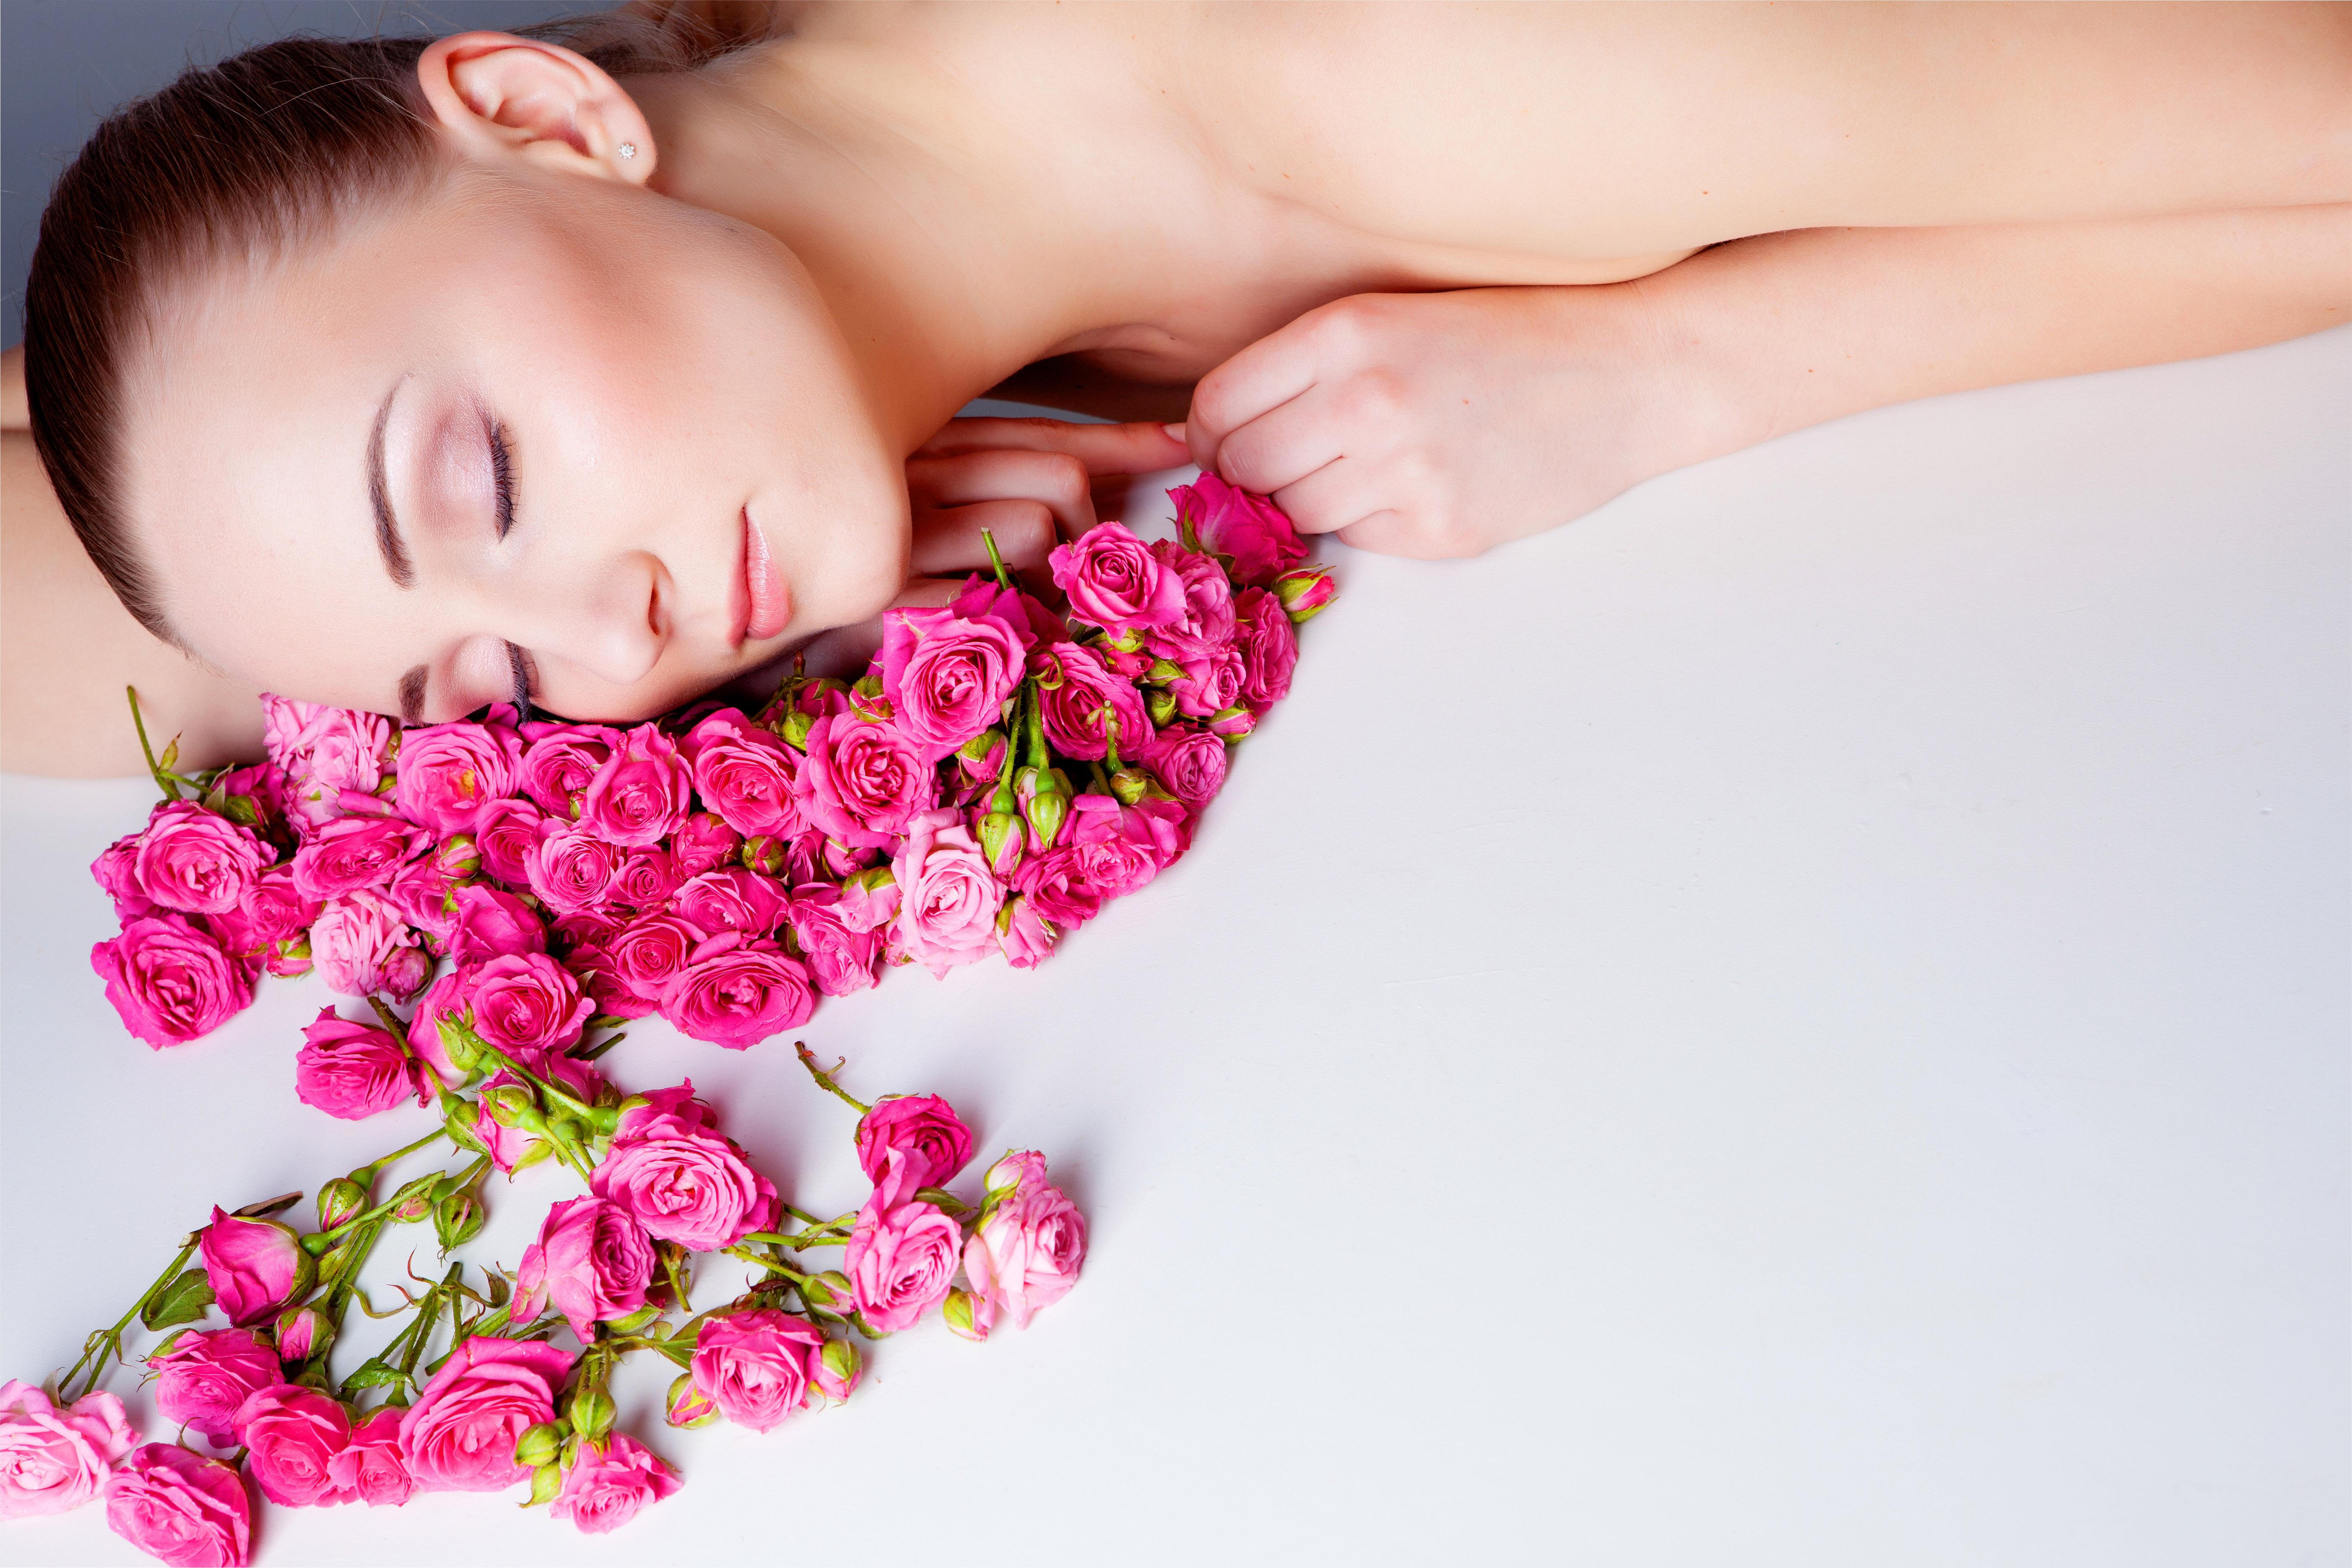 Подарете истинско СПА изживяване на любим човек с масаж на цяло тяло с масла от роза, пилинг, рефлексотерапия и терапия за лице Фризьорски салон Moataz Style! - Снимка 2